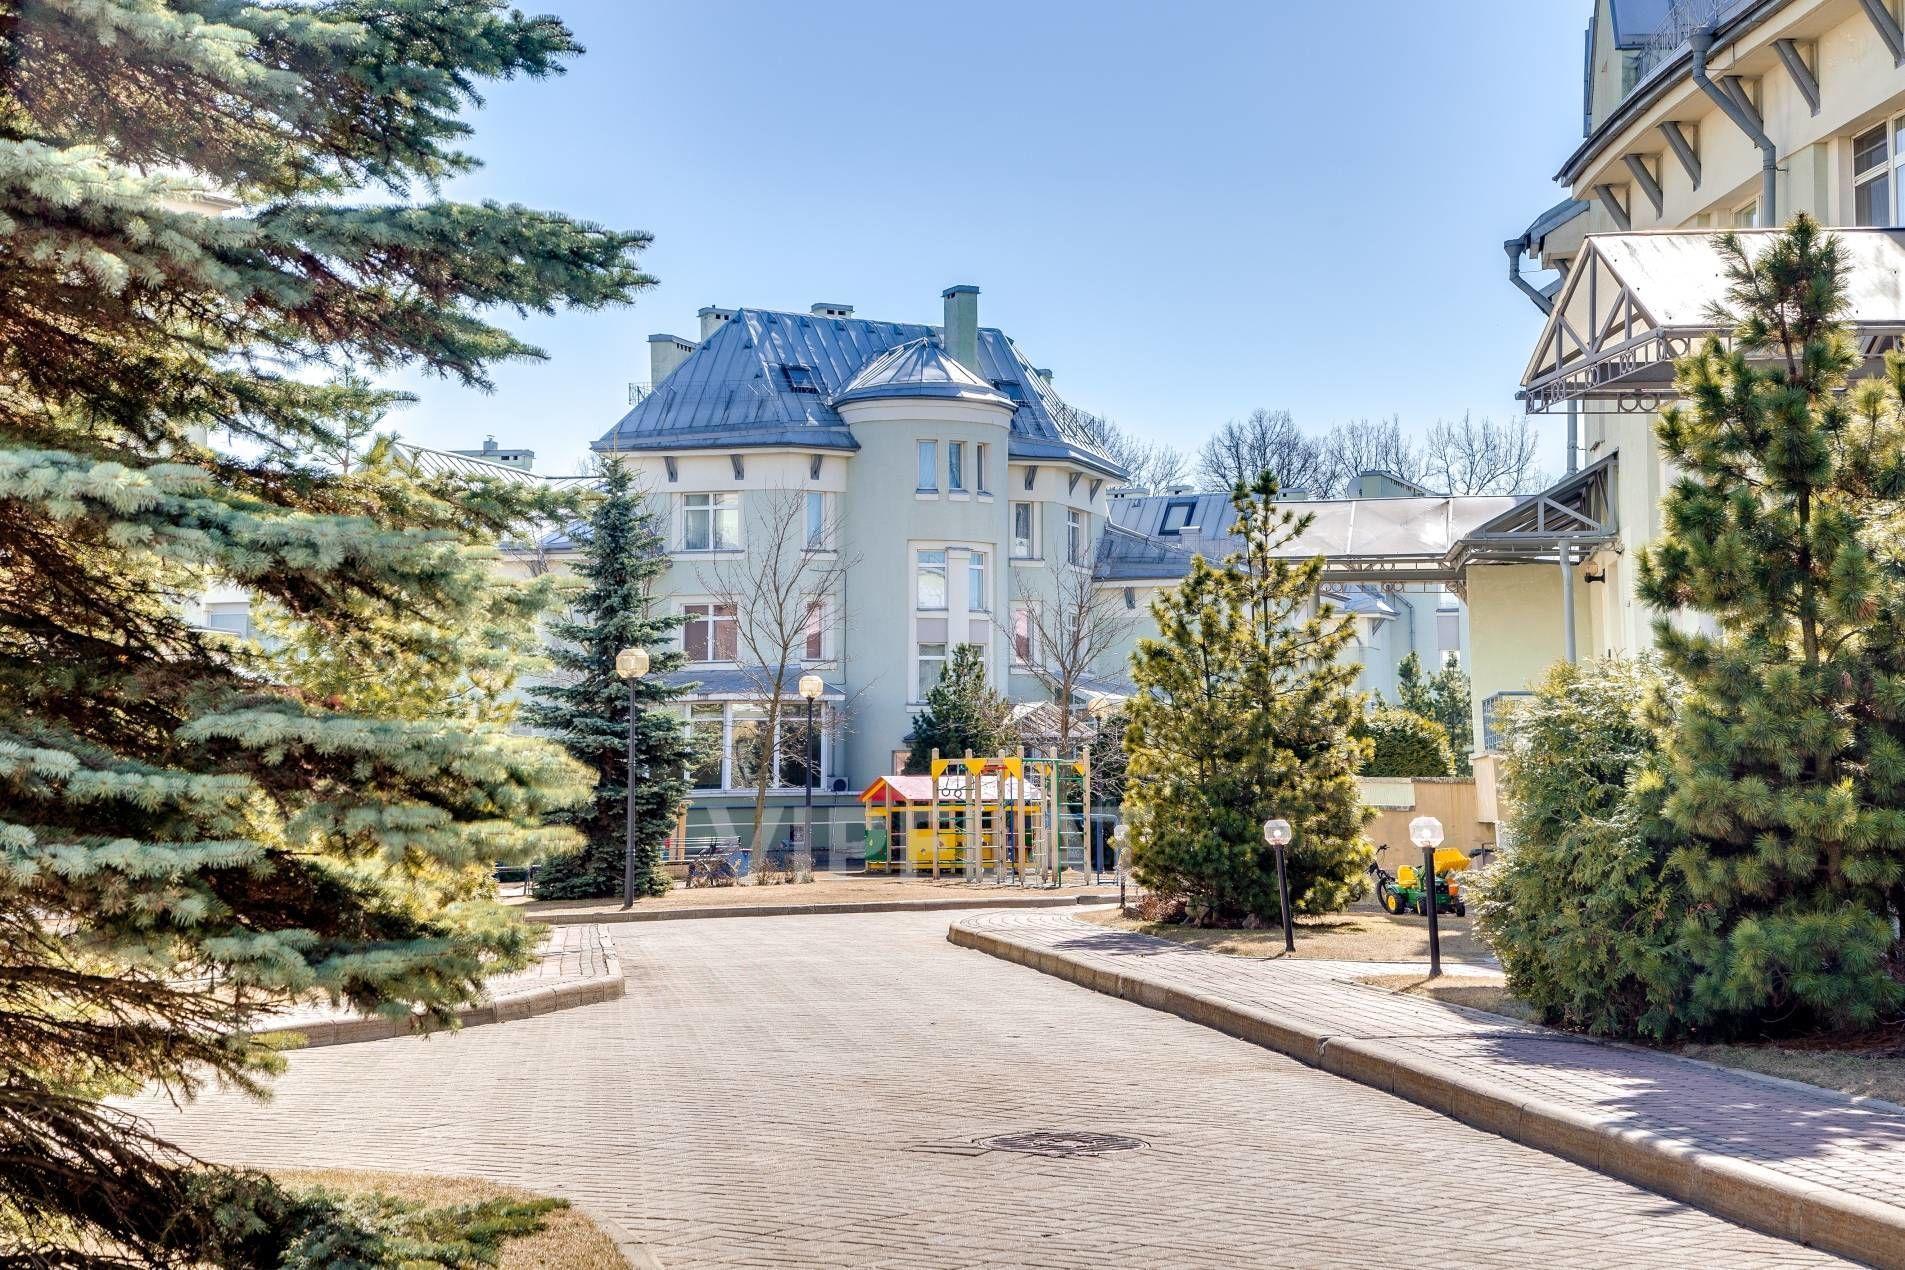 Продажа элитных квартир Санкт-Петербурга. Константиновский пр., 26 Уютный двор